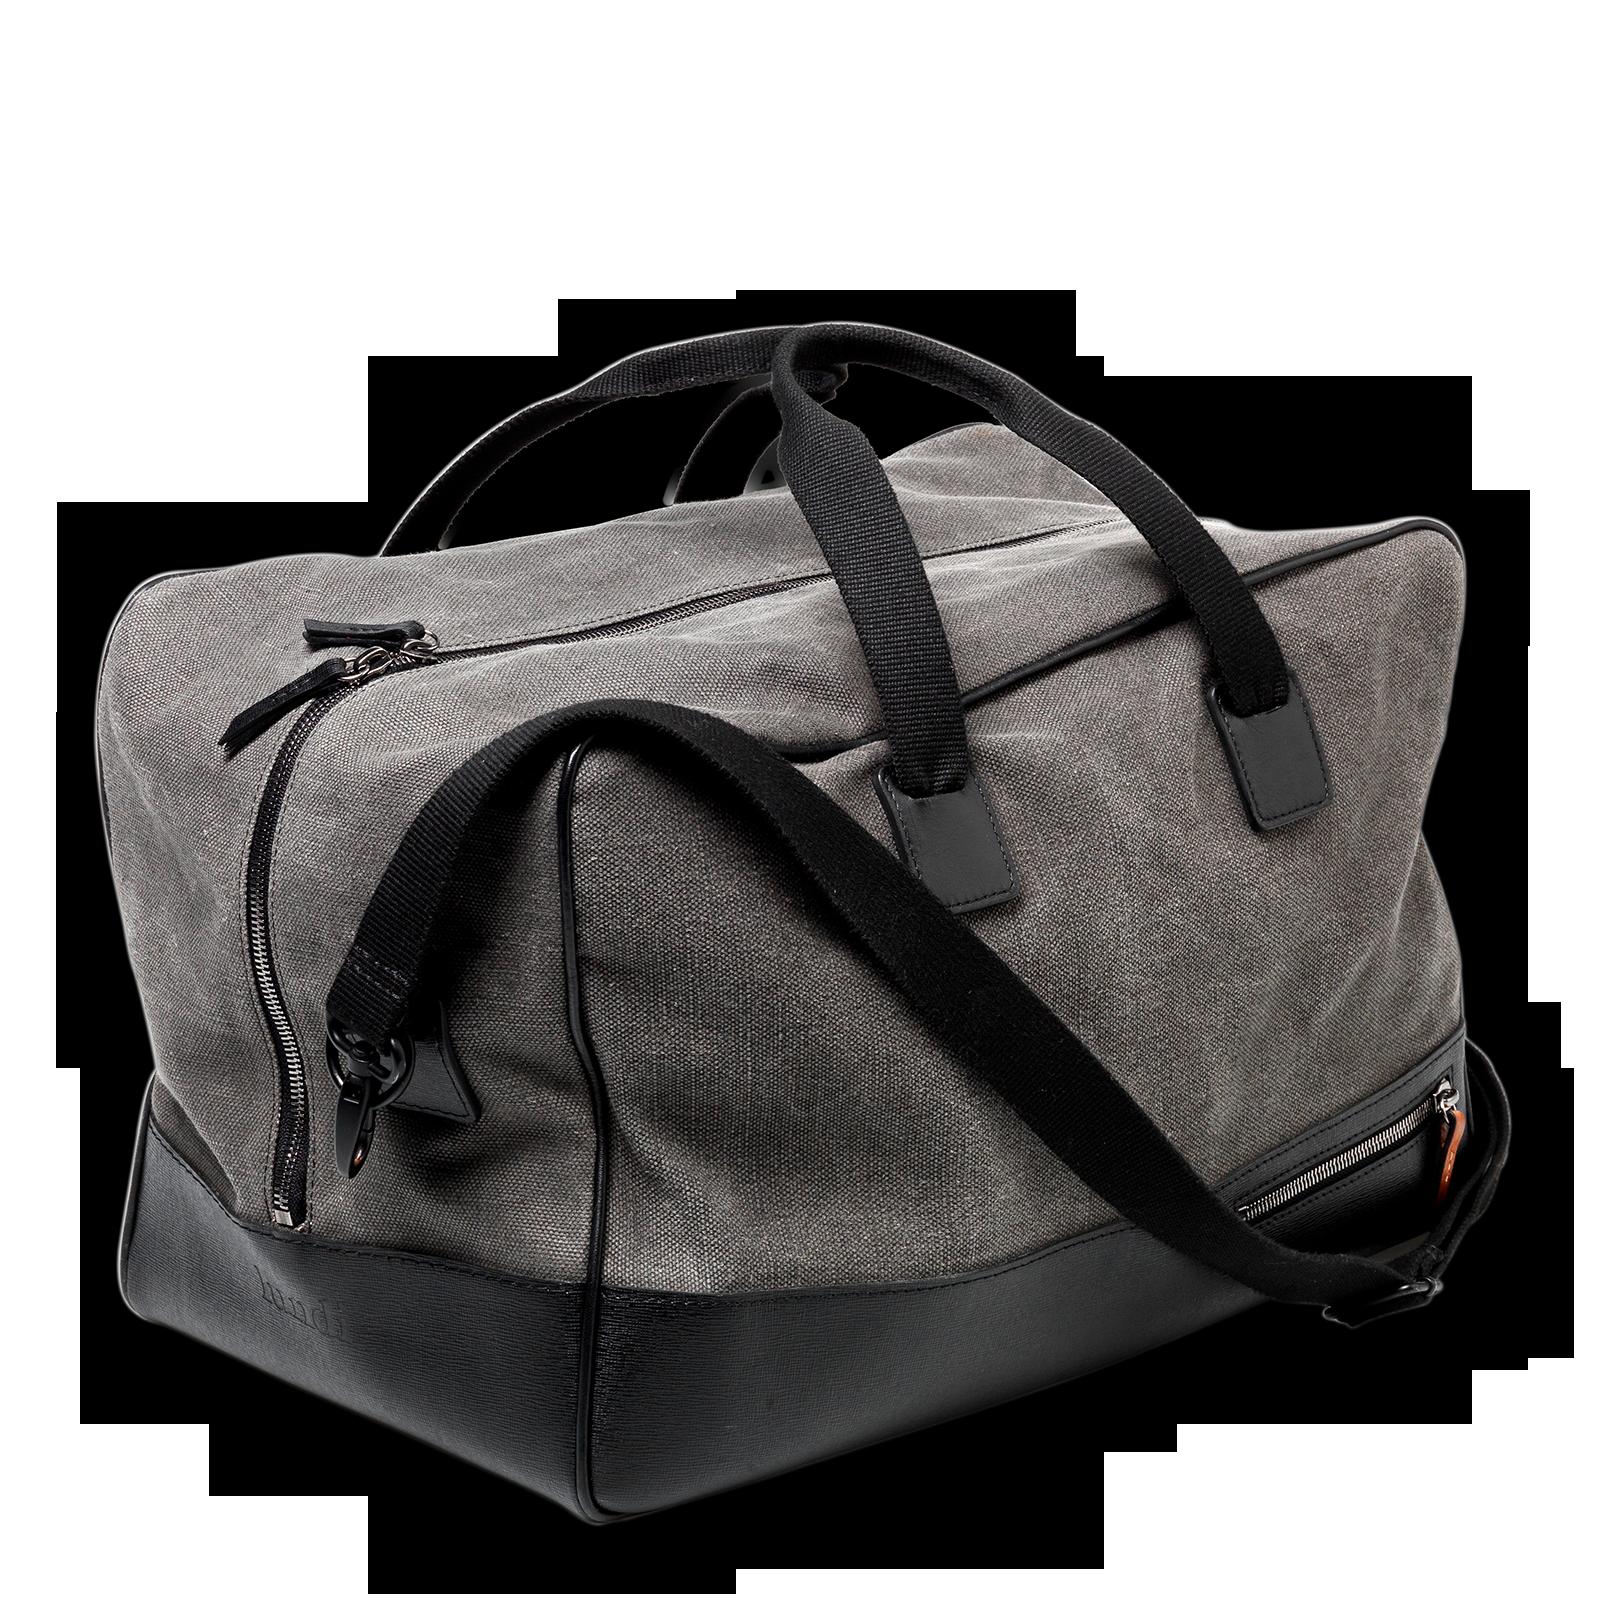 sac de voyage ungaro sac a main pratique voyage sac de voyage fossil pas cher. Black Bedroom Furniture Sets. Home Design Ideas